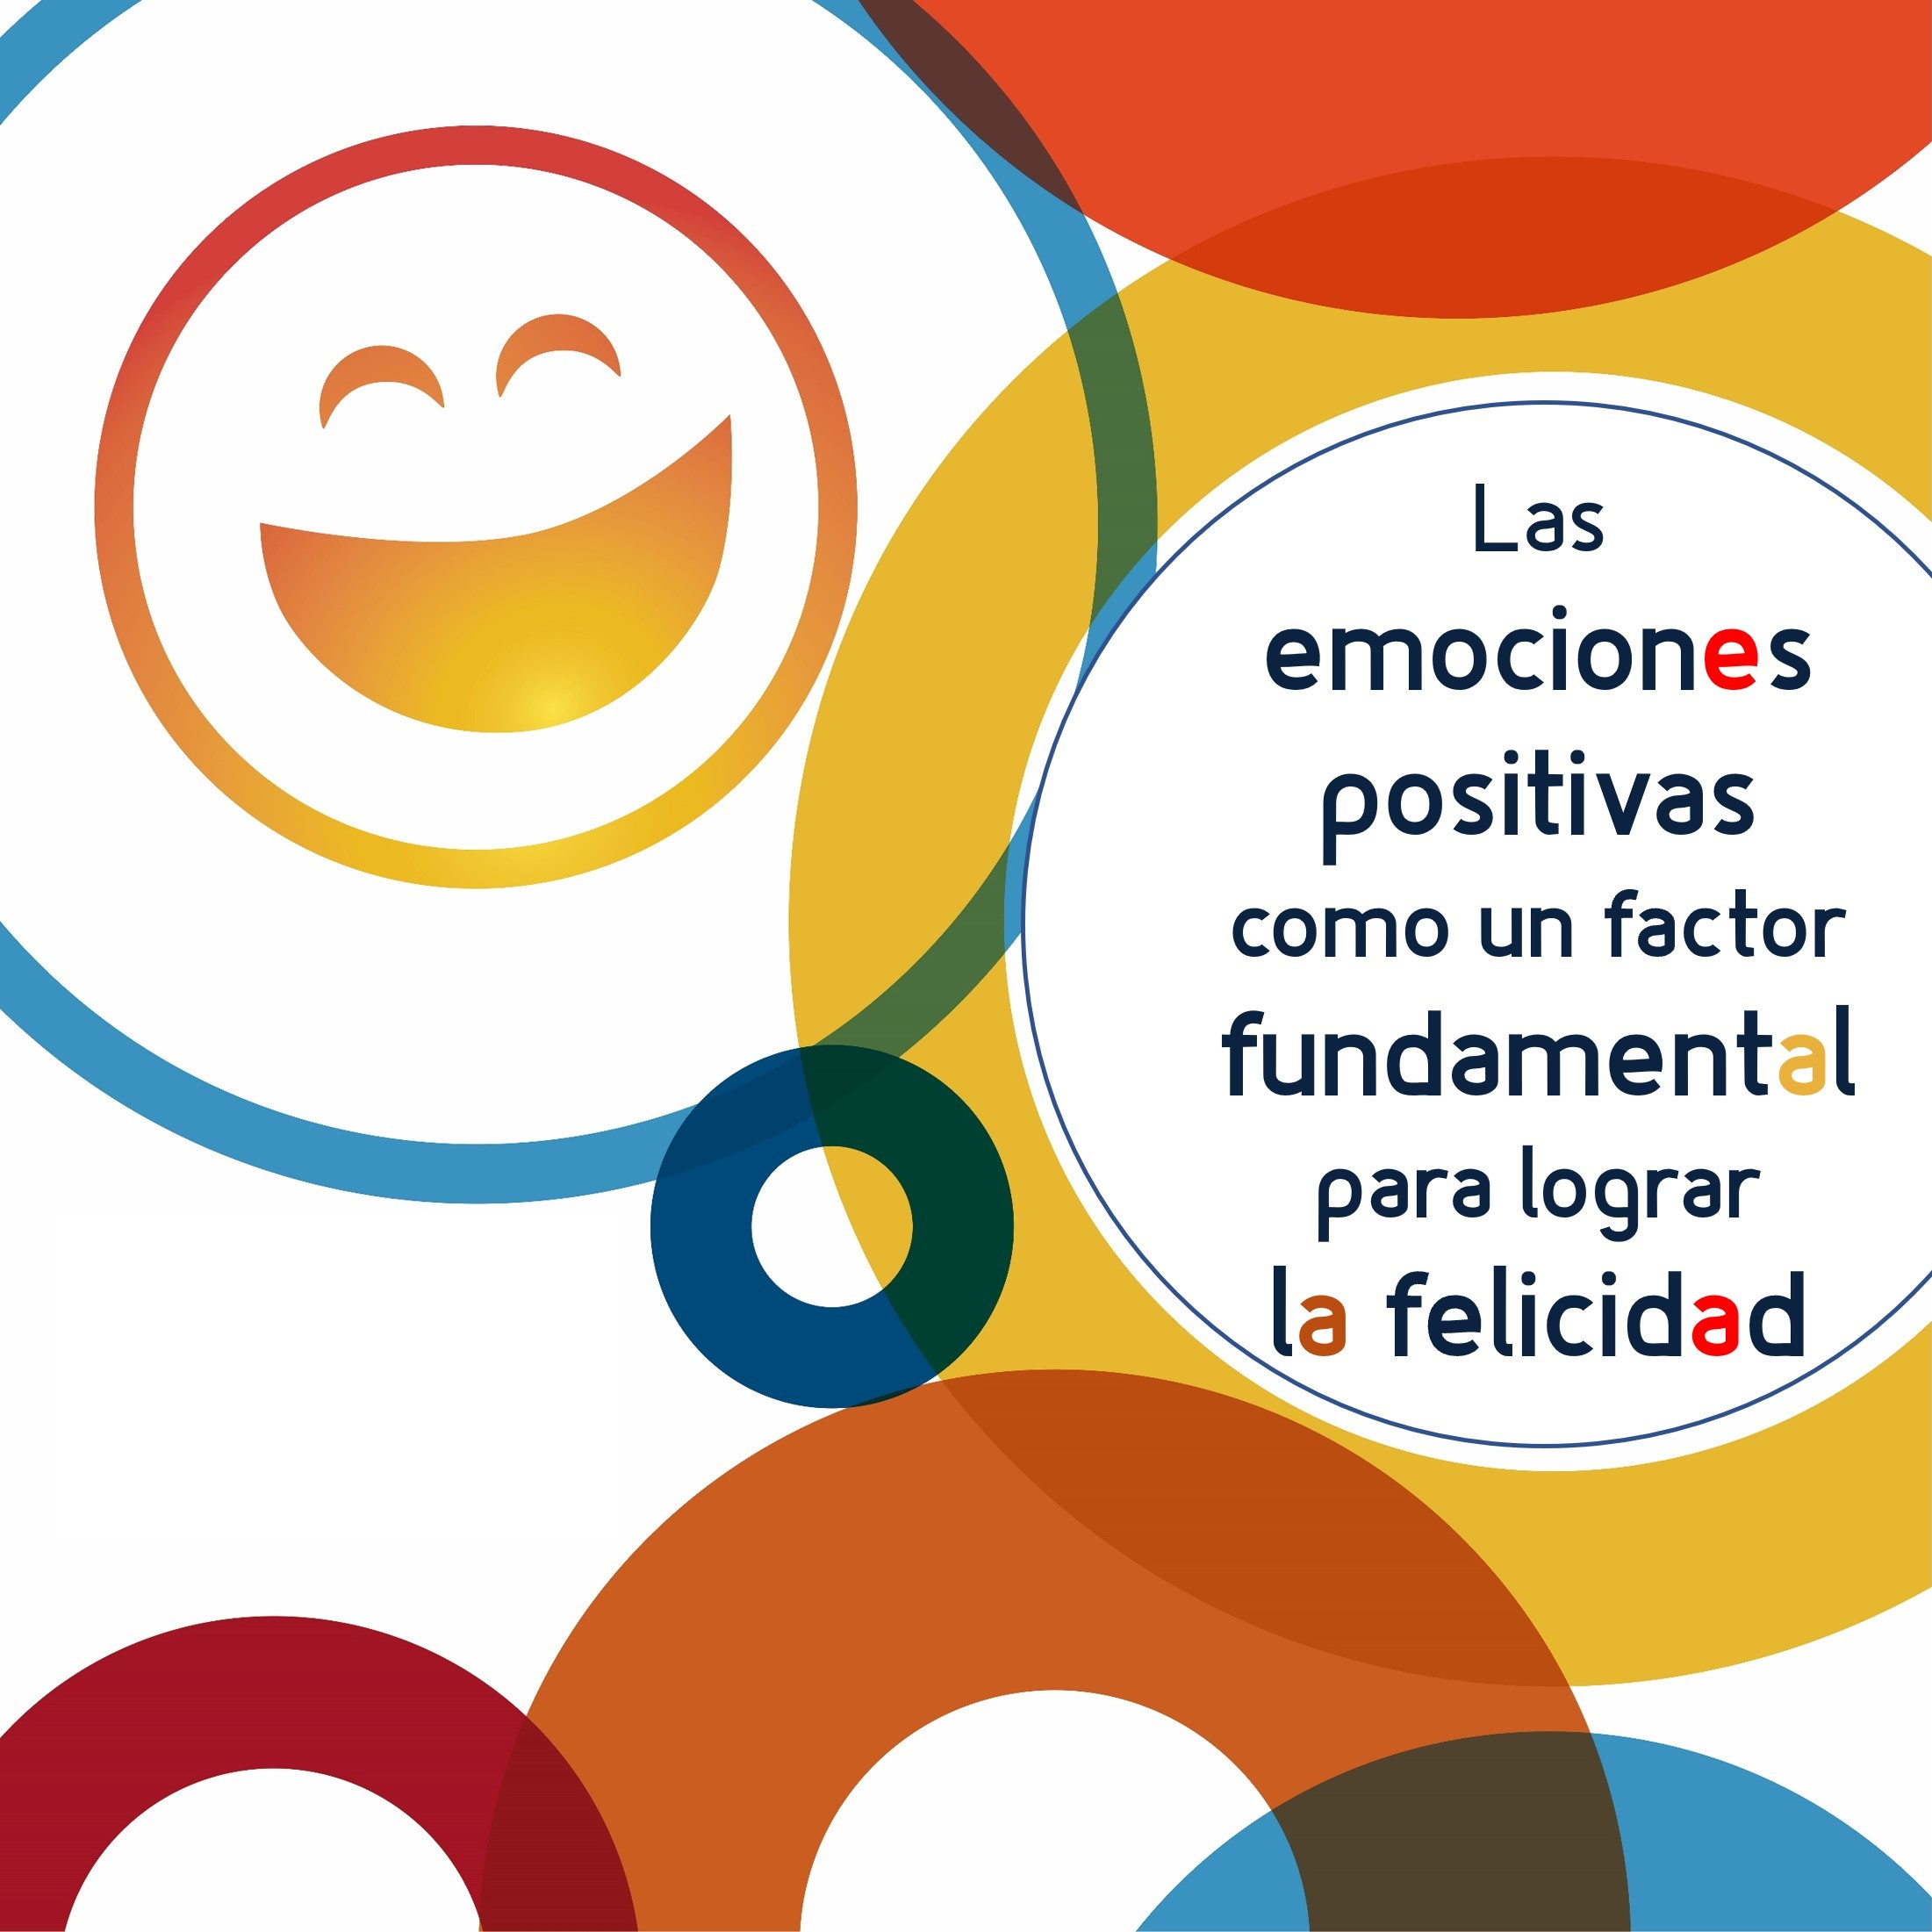 Las emociones positivas como factor fundamental para lograr la felicidad